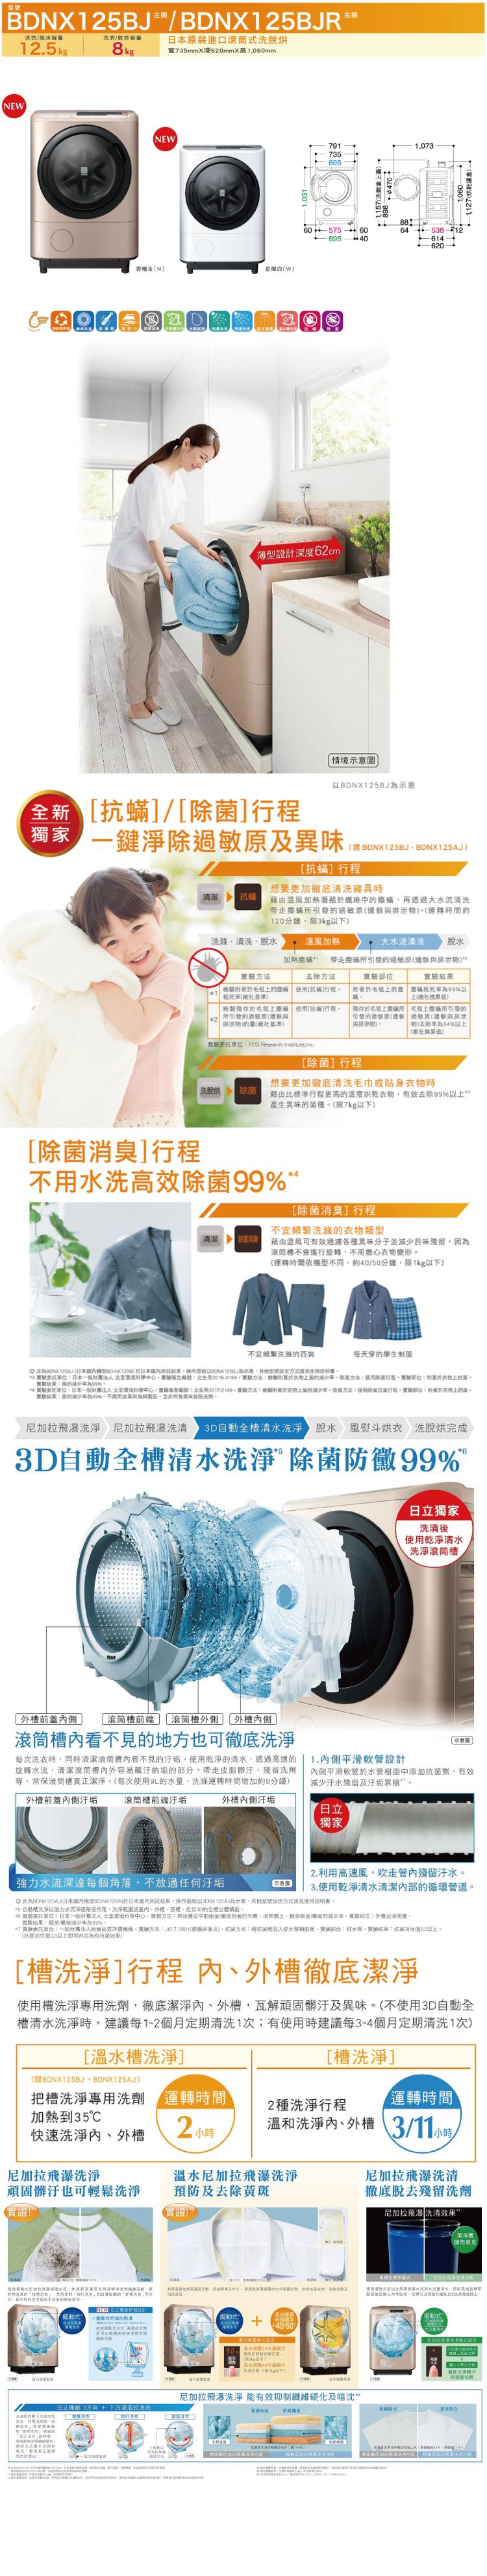 HITACHI 日立 BDNX125BJR 洗衣機 12.5kg 右開 香檳金/星燦白 尼加拉飛瀑